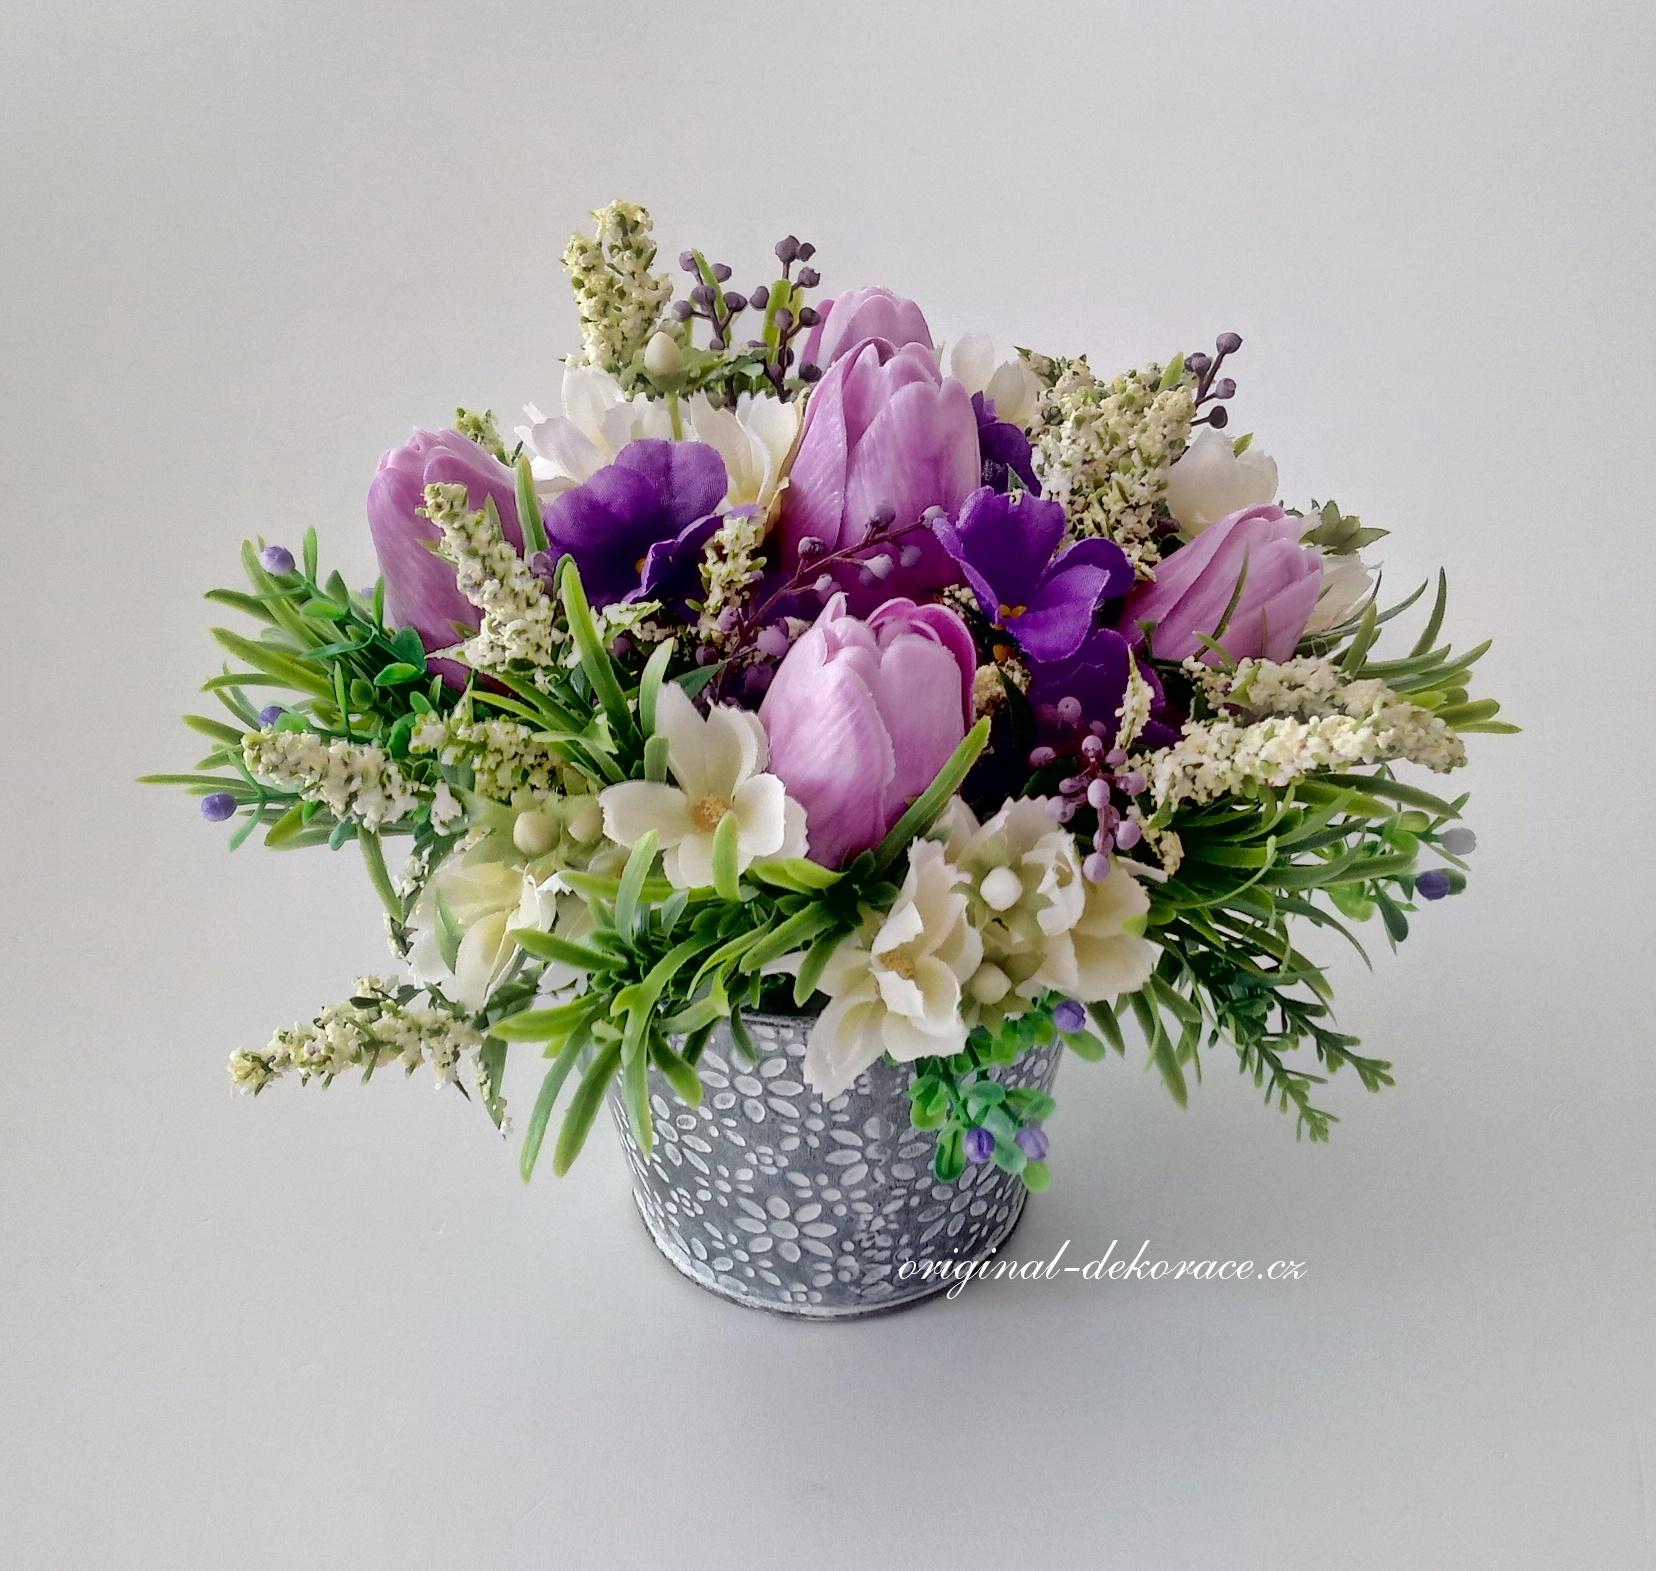 Dekorace z umělých květin v plechovém obalu - fialovorůžové tulipány ... 11c676f839